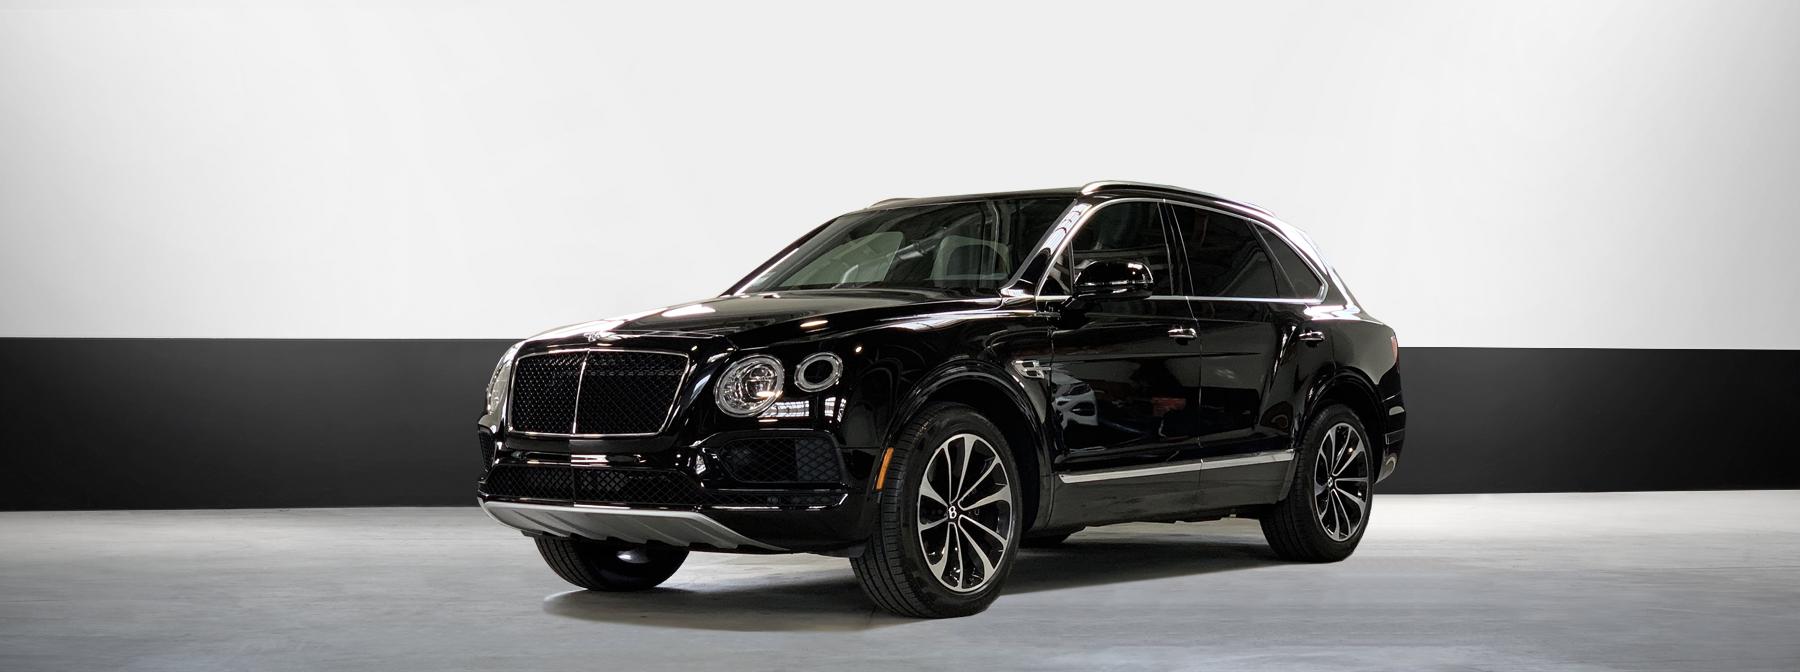 Bentley rental Bentayga in black